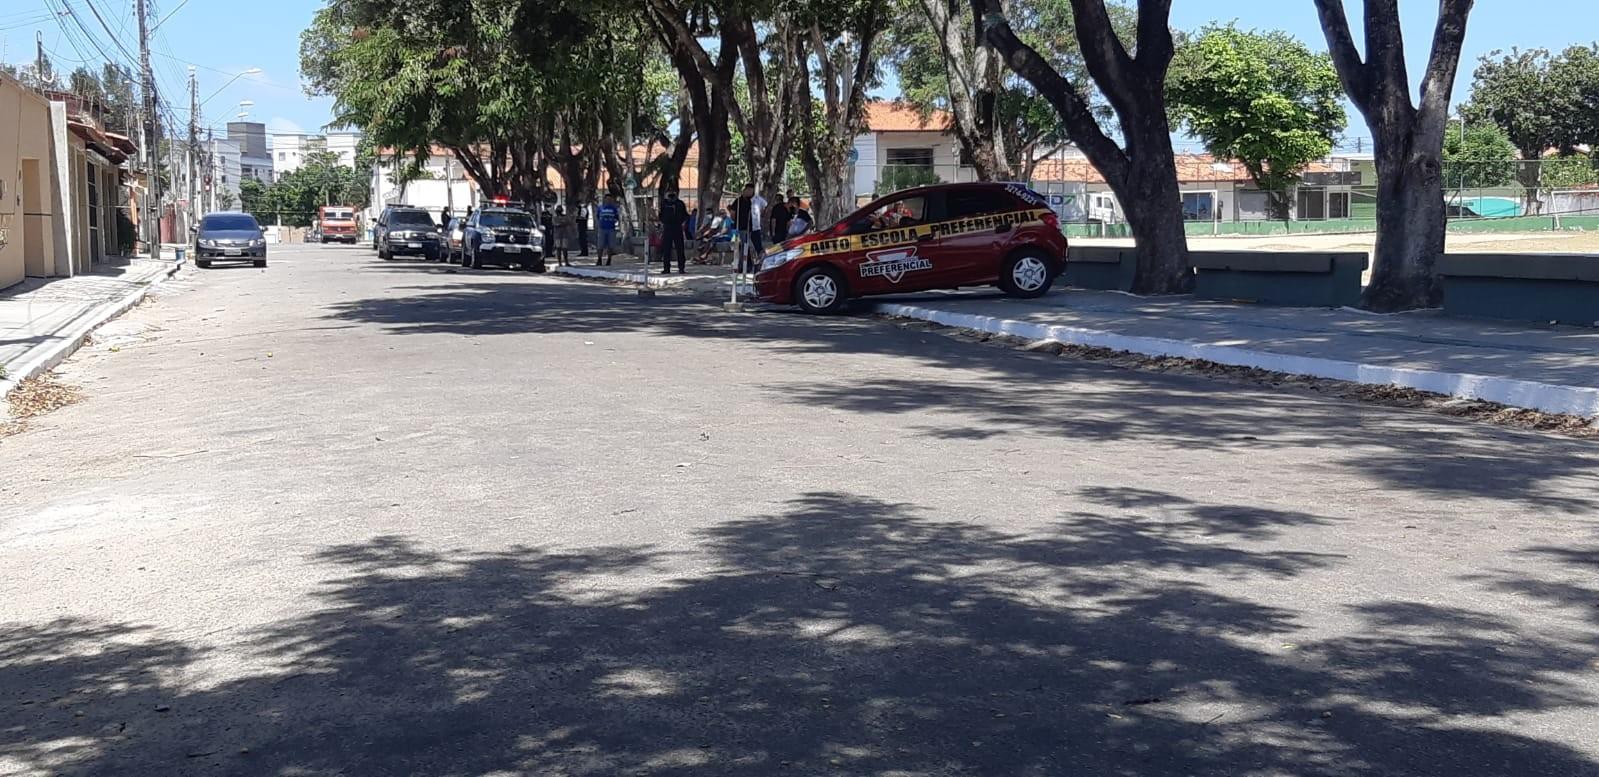 Quatro homens suspeitos da morte de aluno de autoescola em Fortaleza são presos tentando fugir por lagoa; vídeo